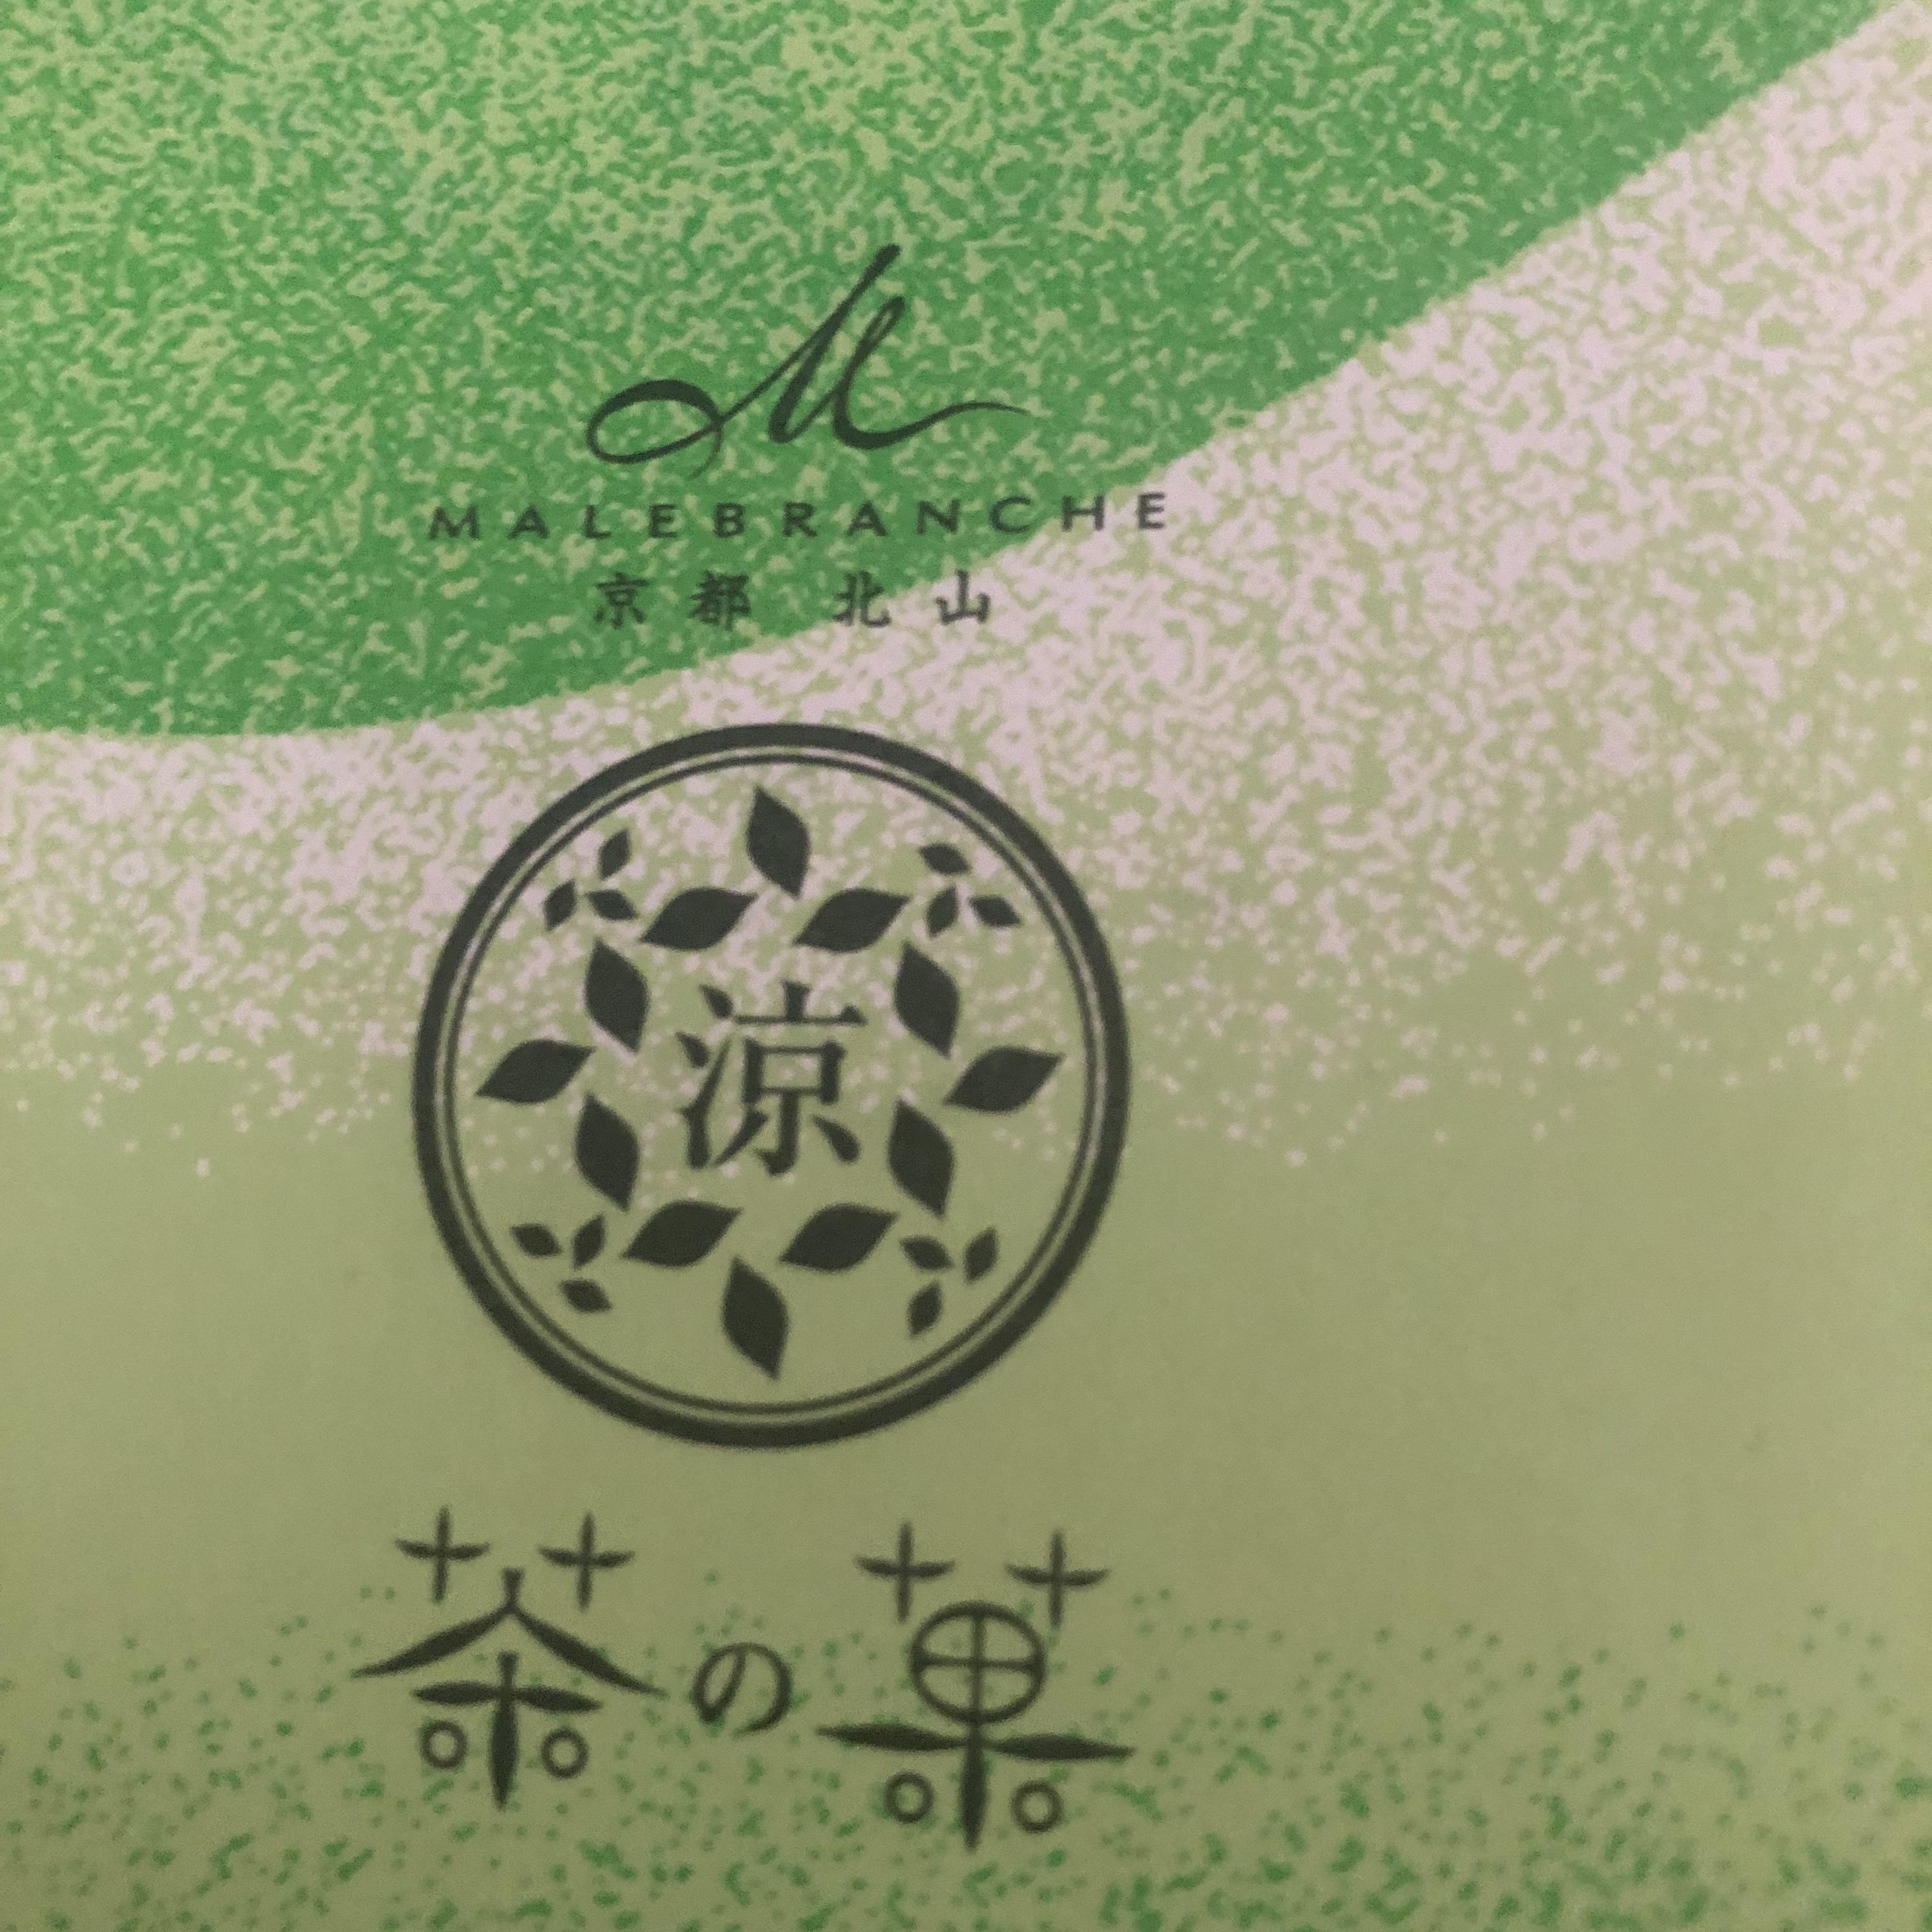 【京都】絶対オススメ❤︎おみやげオシャレ選抜!_1_2-2